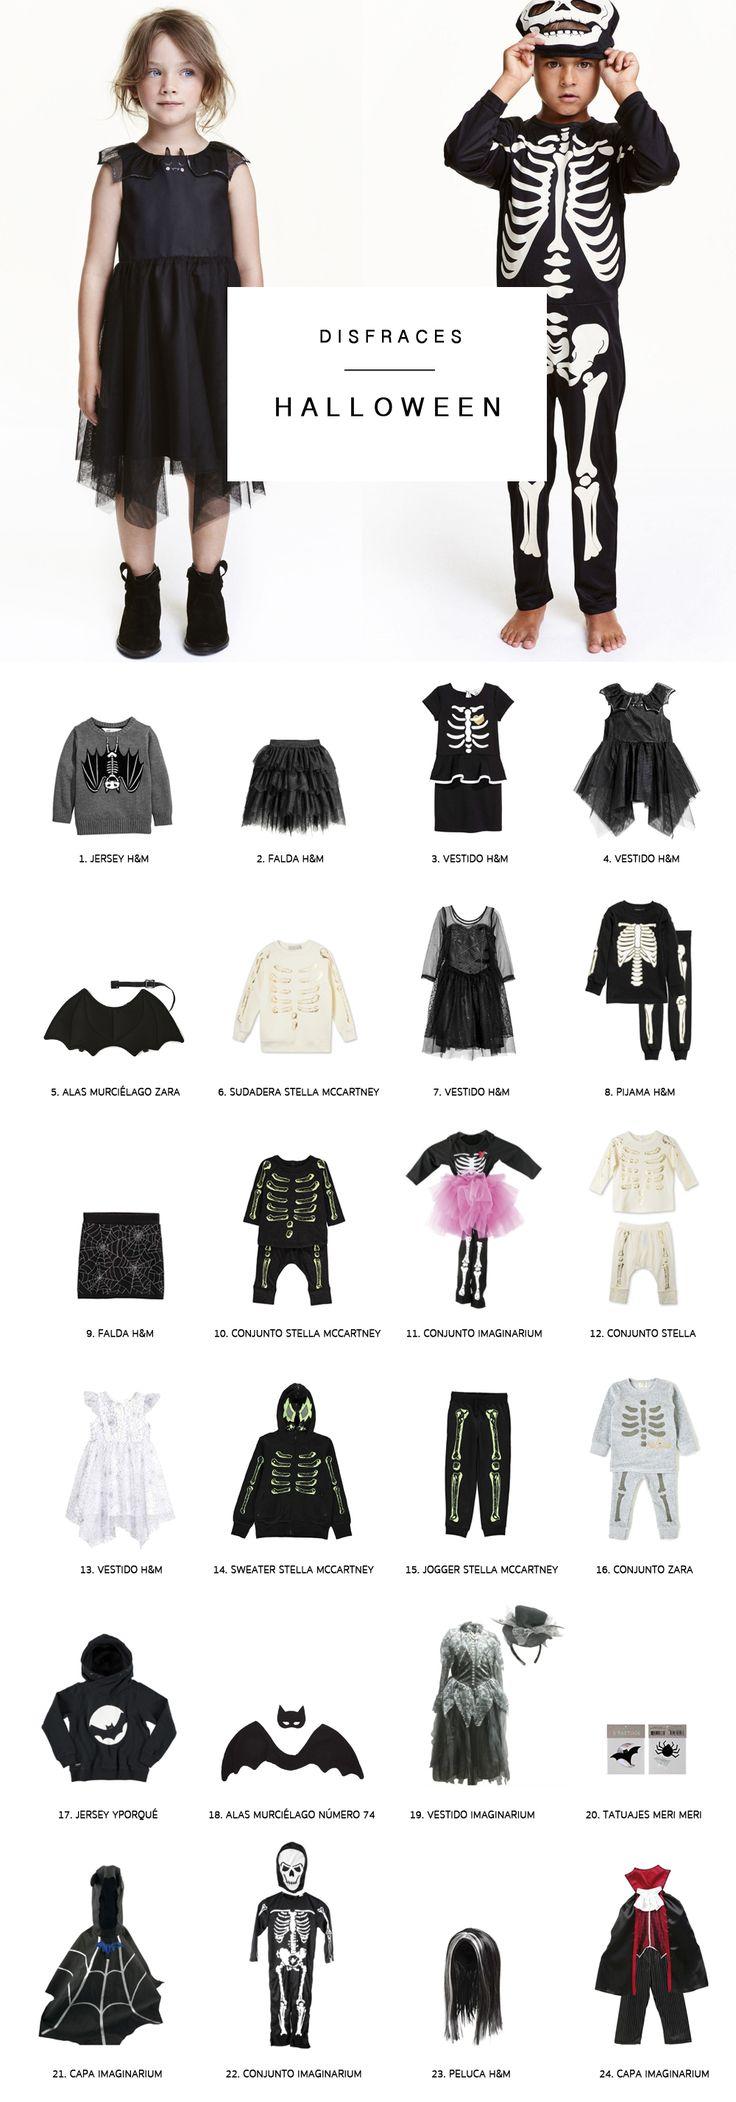 Los disfraces más terroríficos de este Halloween para los más peques de la casa #halloween #halloween2016 #disfracesinfantiles #disfracesniños #disfracesniñas #disfraces #zarakids #hmkids #imaginarium #yporque #merimeri #numero74 #kidscostumes #halloweencostumes #halloweenkidscostumes #trajeesqueleto #esqueleto #capavampiro #capadrácula #vestidobruja #disfrazdrácula #disfrazvampiro #disfrazbruja #disfraznoviacadáver #noviacadáver #alasmurciélago #disfrazmurciélago